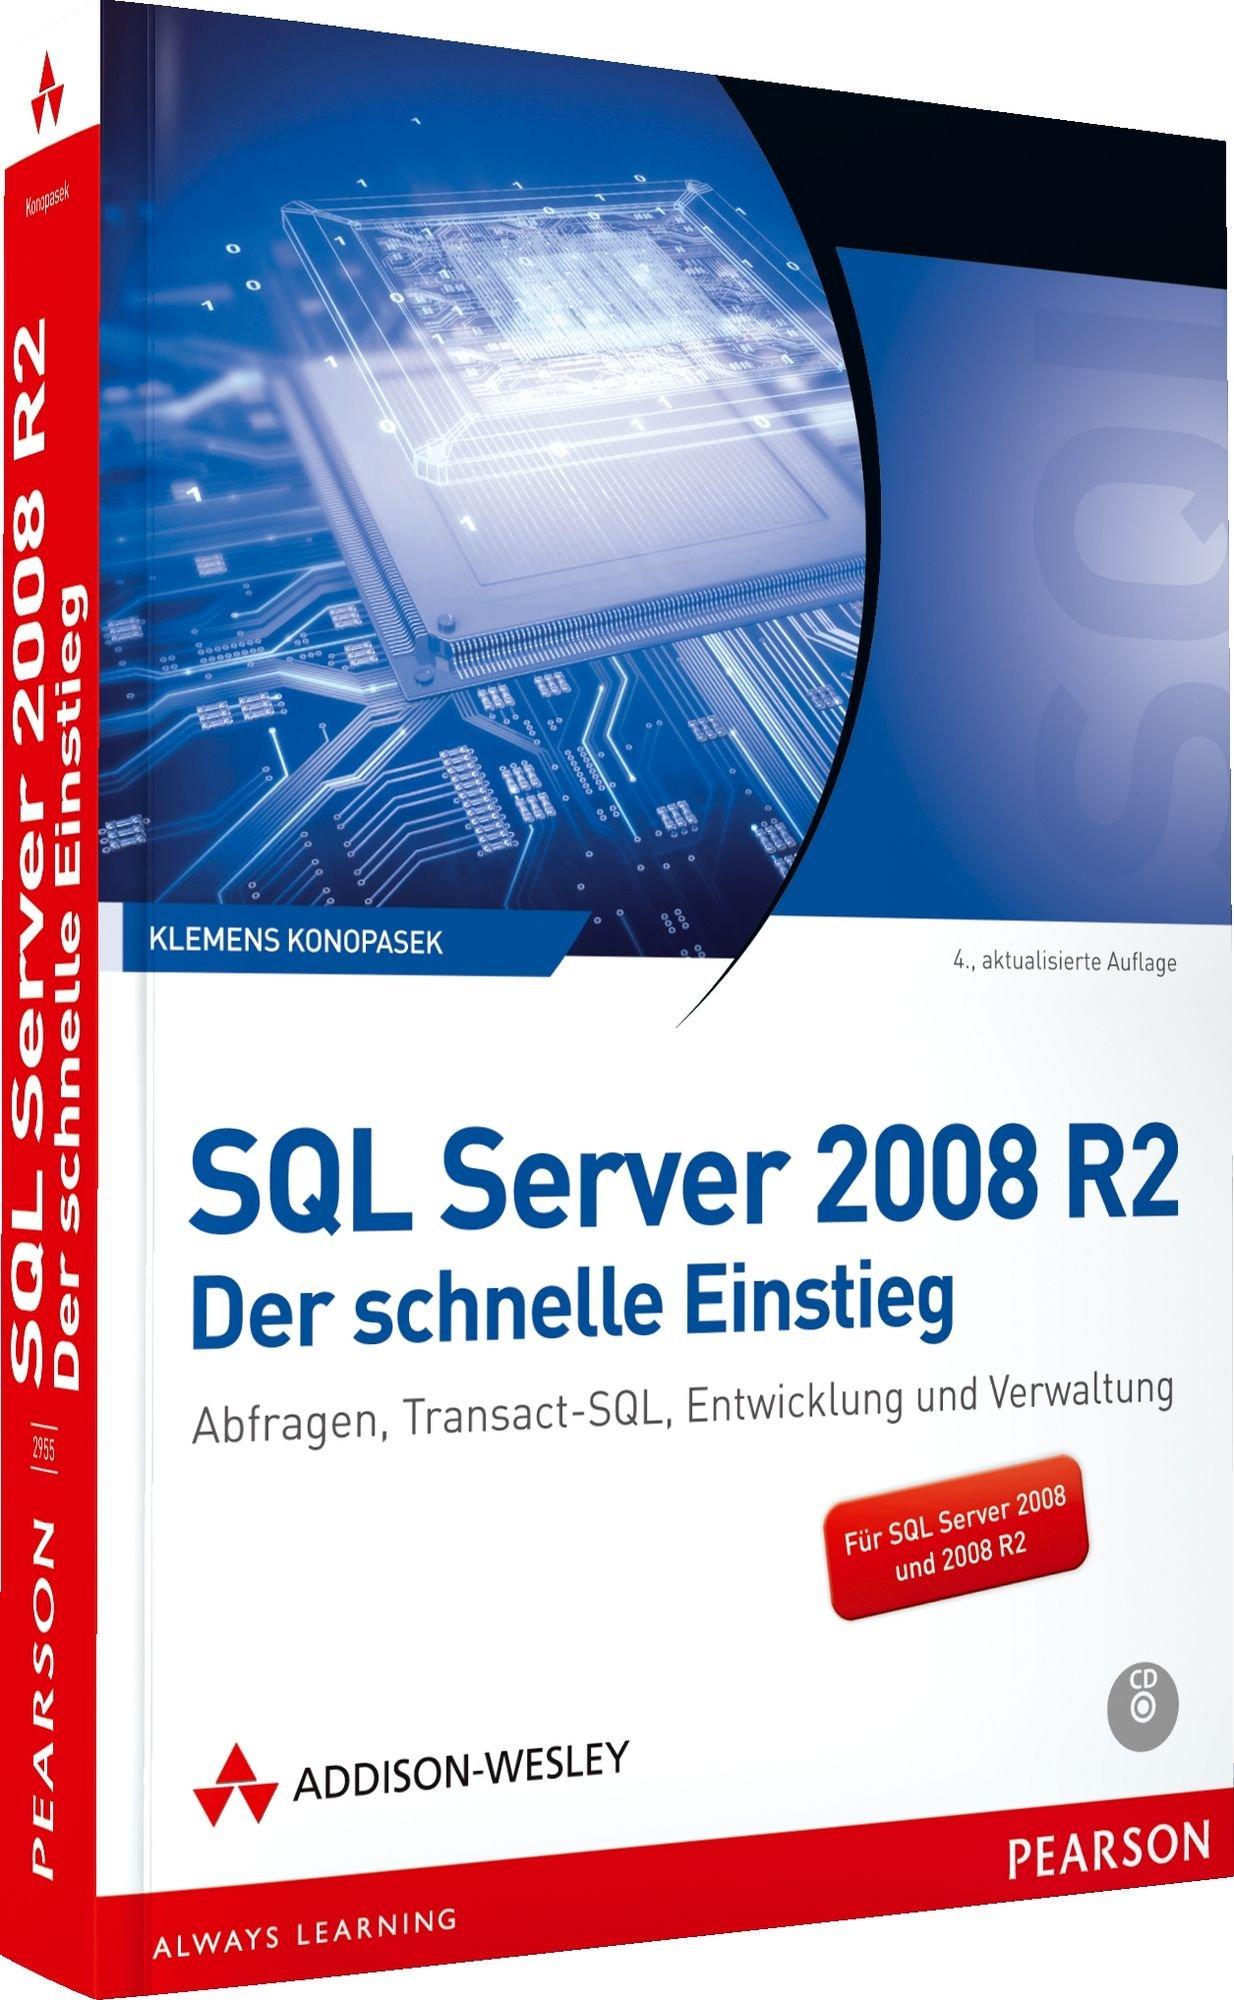 SQL Server 2008 R2 - Der schnelle Einstieg - Für SQL Server 2008 und 2008 R 2: Abfragen, Transact-SQL, Entwicklung und Verwaltung (net.com) Taschenbuch – 1. Juli 2010 Klemens Konopasek Addison-Wesley Verlag 3827329558 Informatik